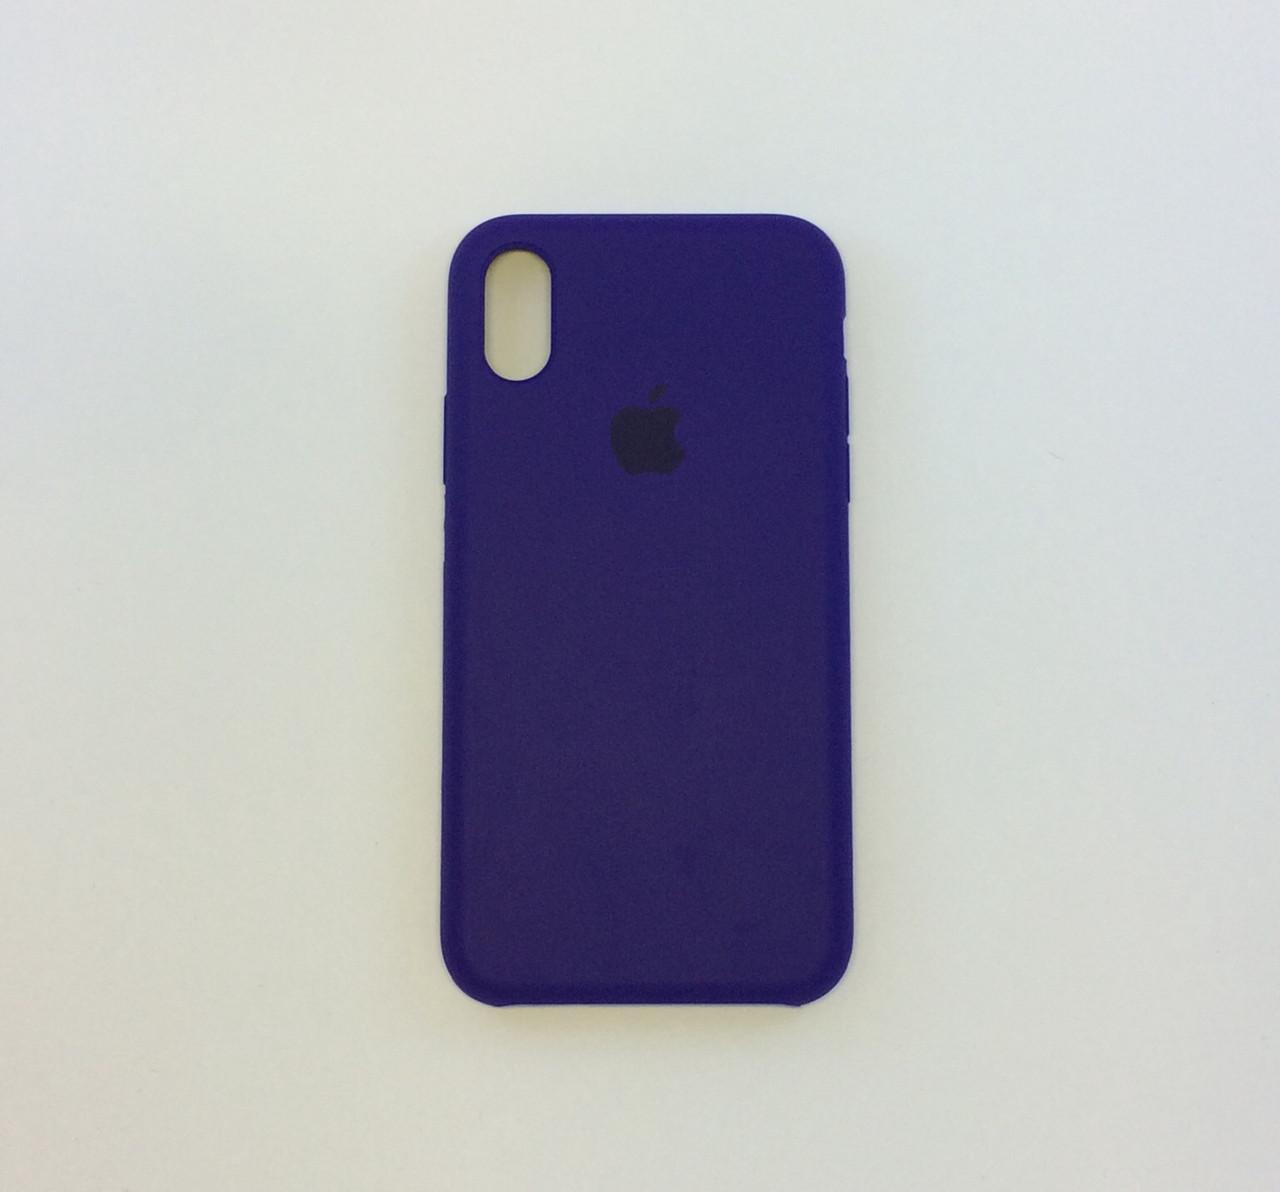 Силиконовый чехол для iPhone Xr, - «ультрафиолетовий» - copy original